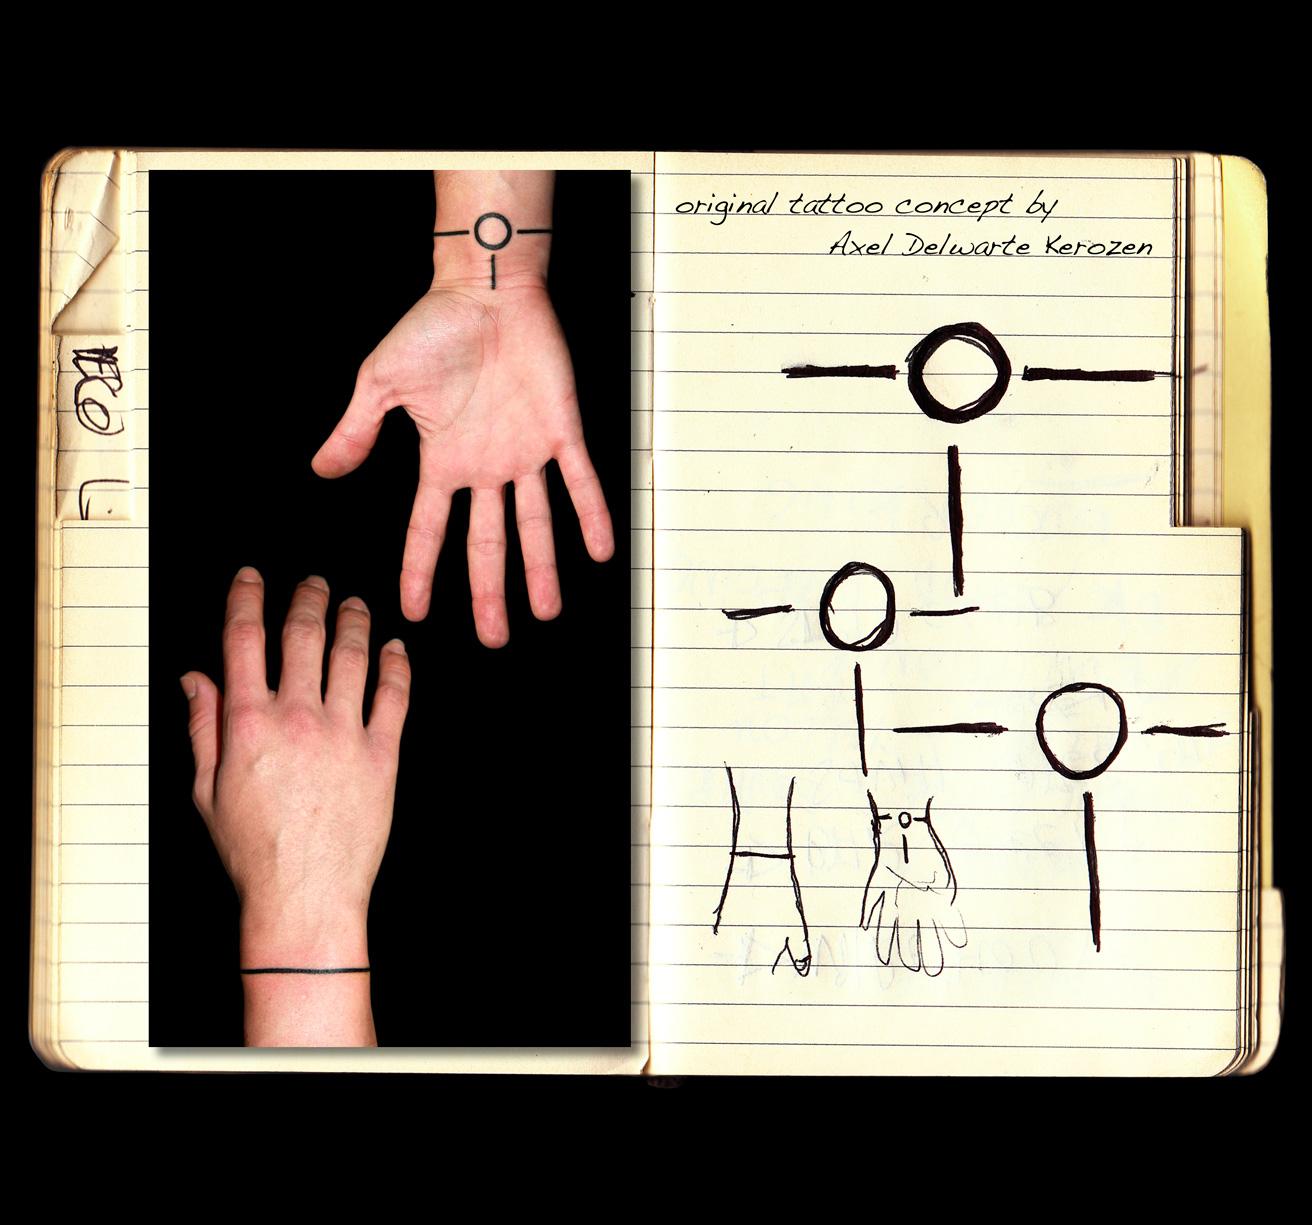 axel_book